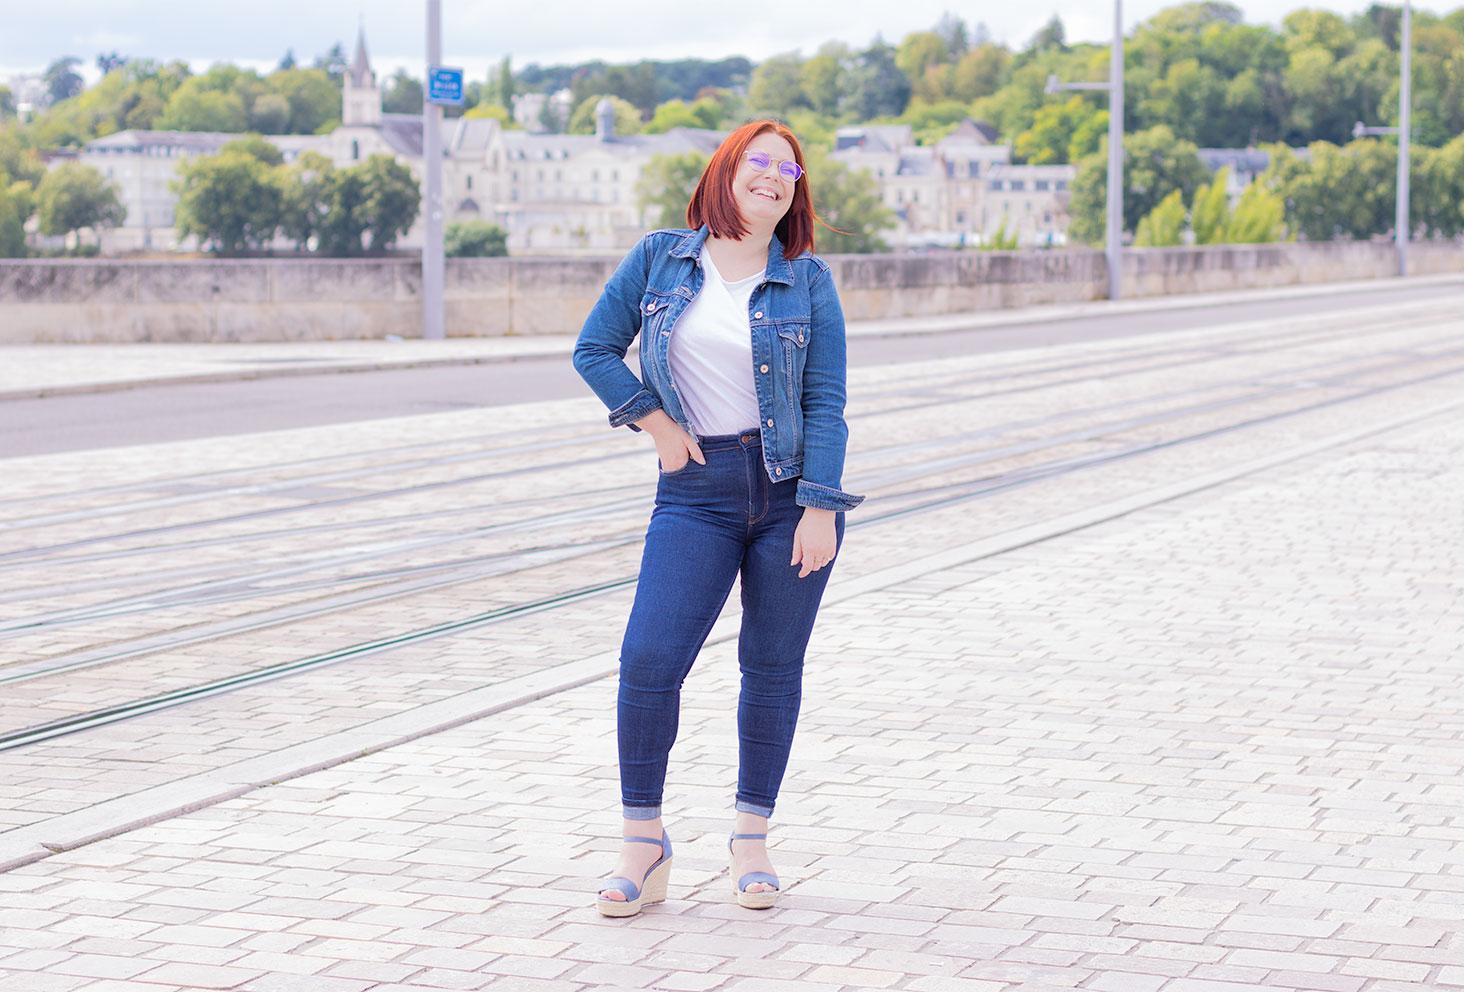 Le total look en jean dans les tendances pour l'été 2020, sur le pont Wilson de Tours avec le sourire et une main dans la poche du jean